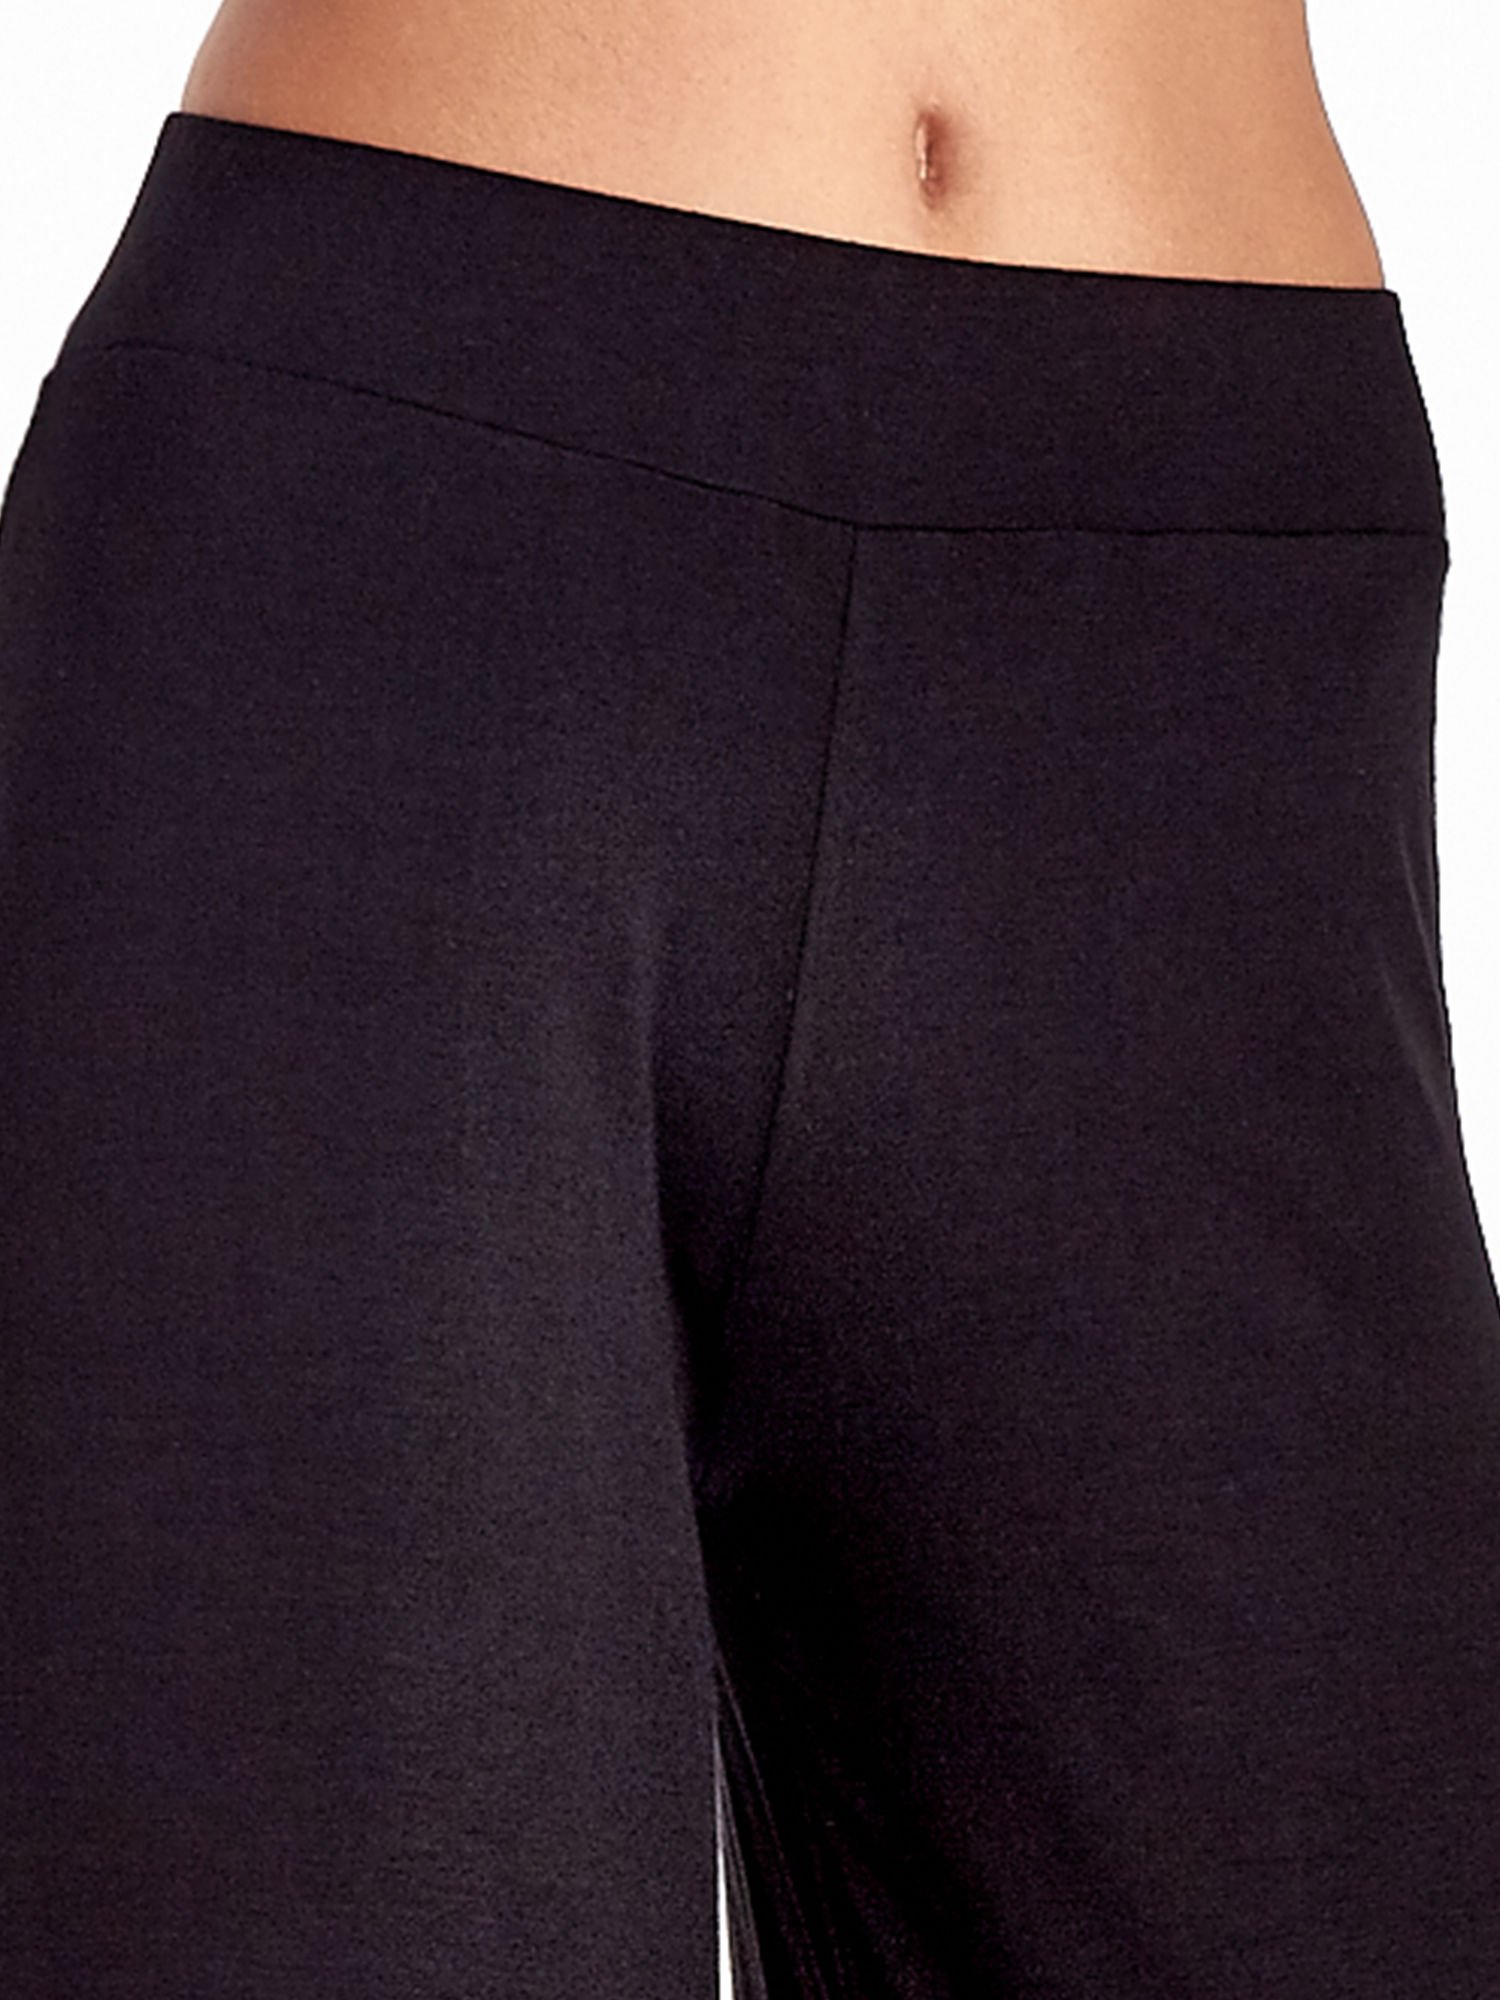 Czarne spódnicospodnie typu culottes                                  zdj.                                  6